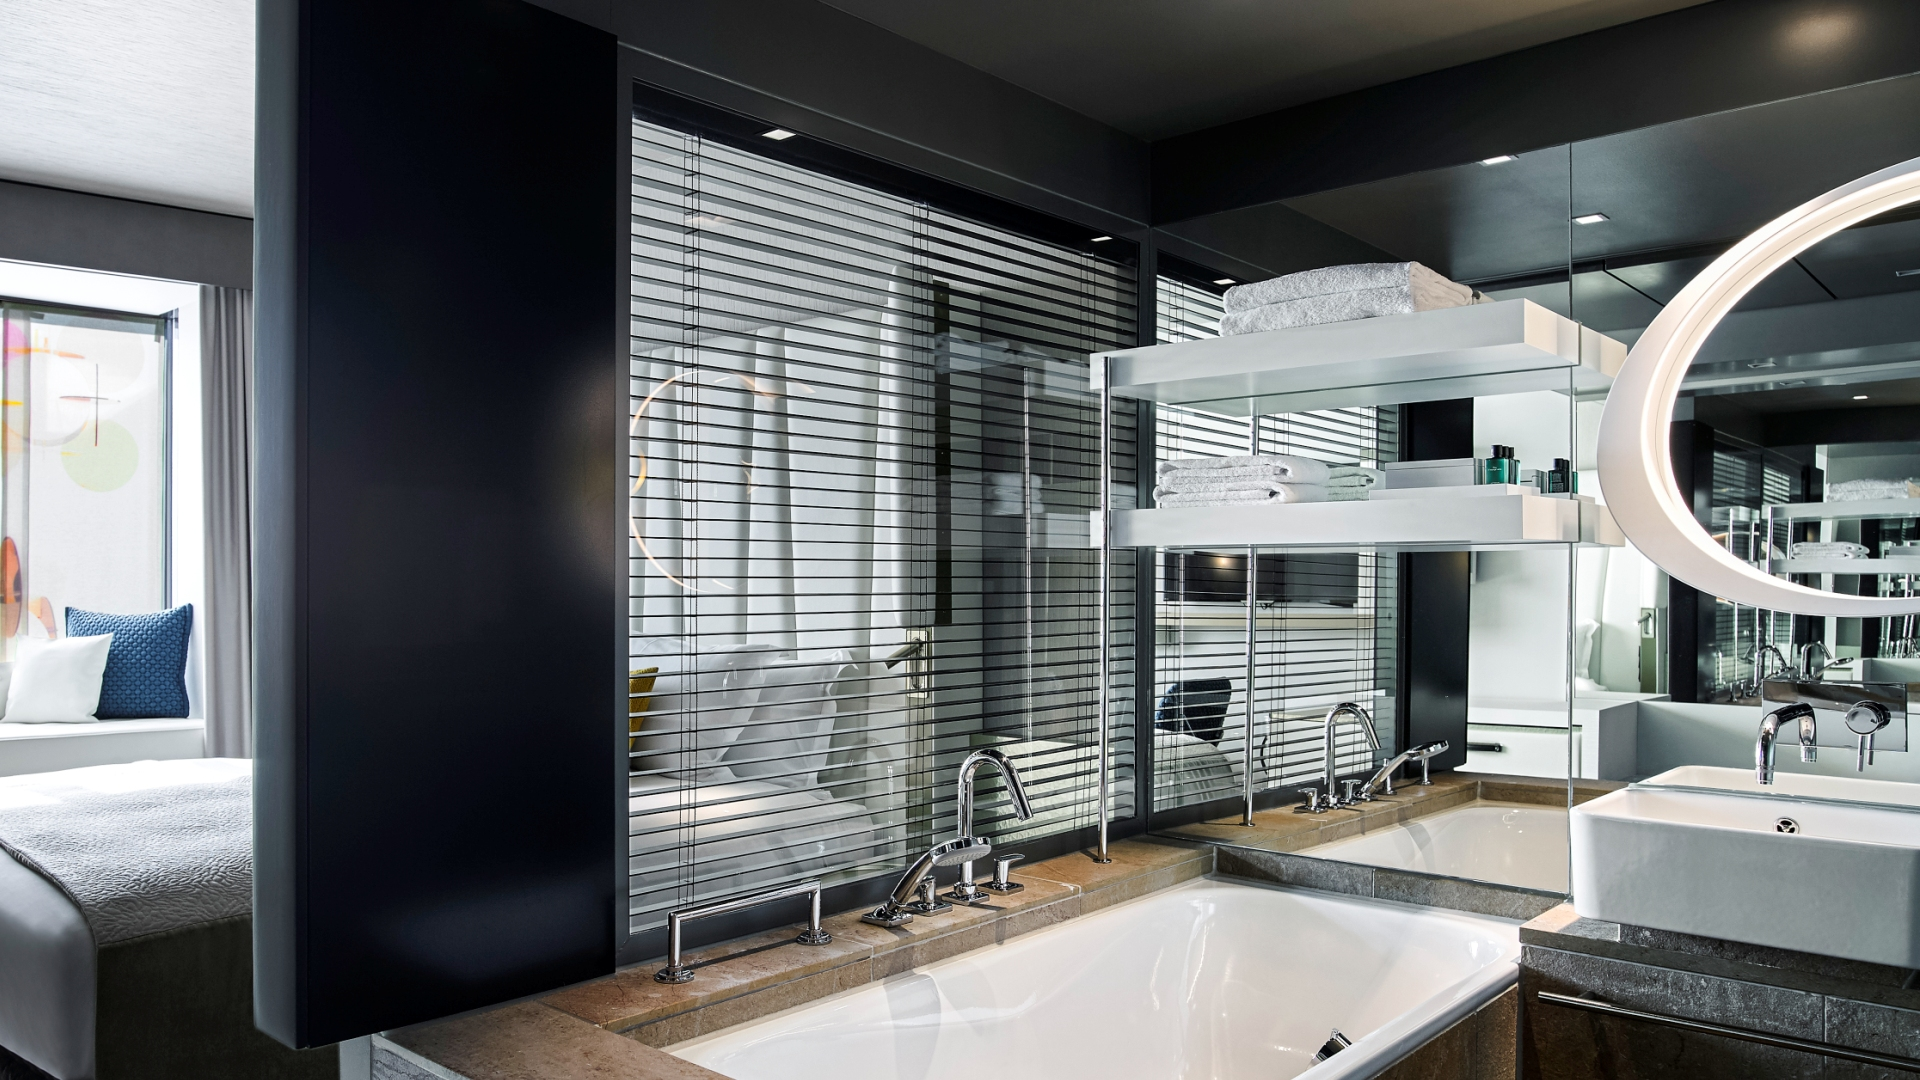 sofitel munich bayerpost sofitel munich bayerpost 5413. Black Bedroom Furniture Sets. Home Design Ideas